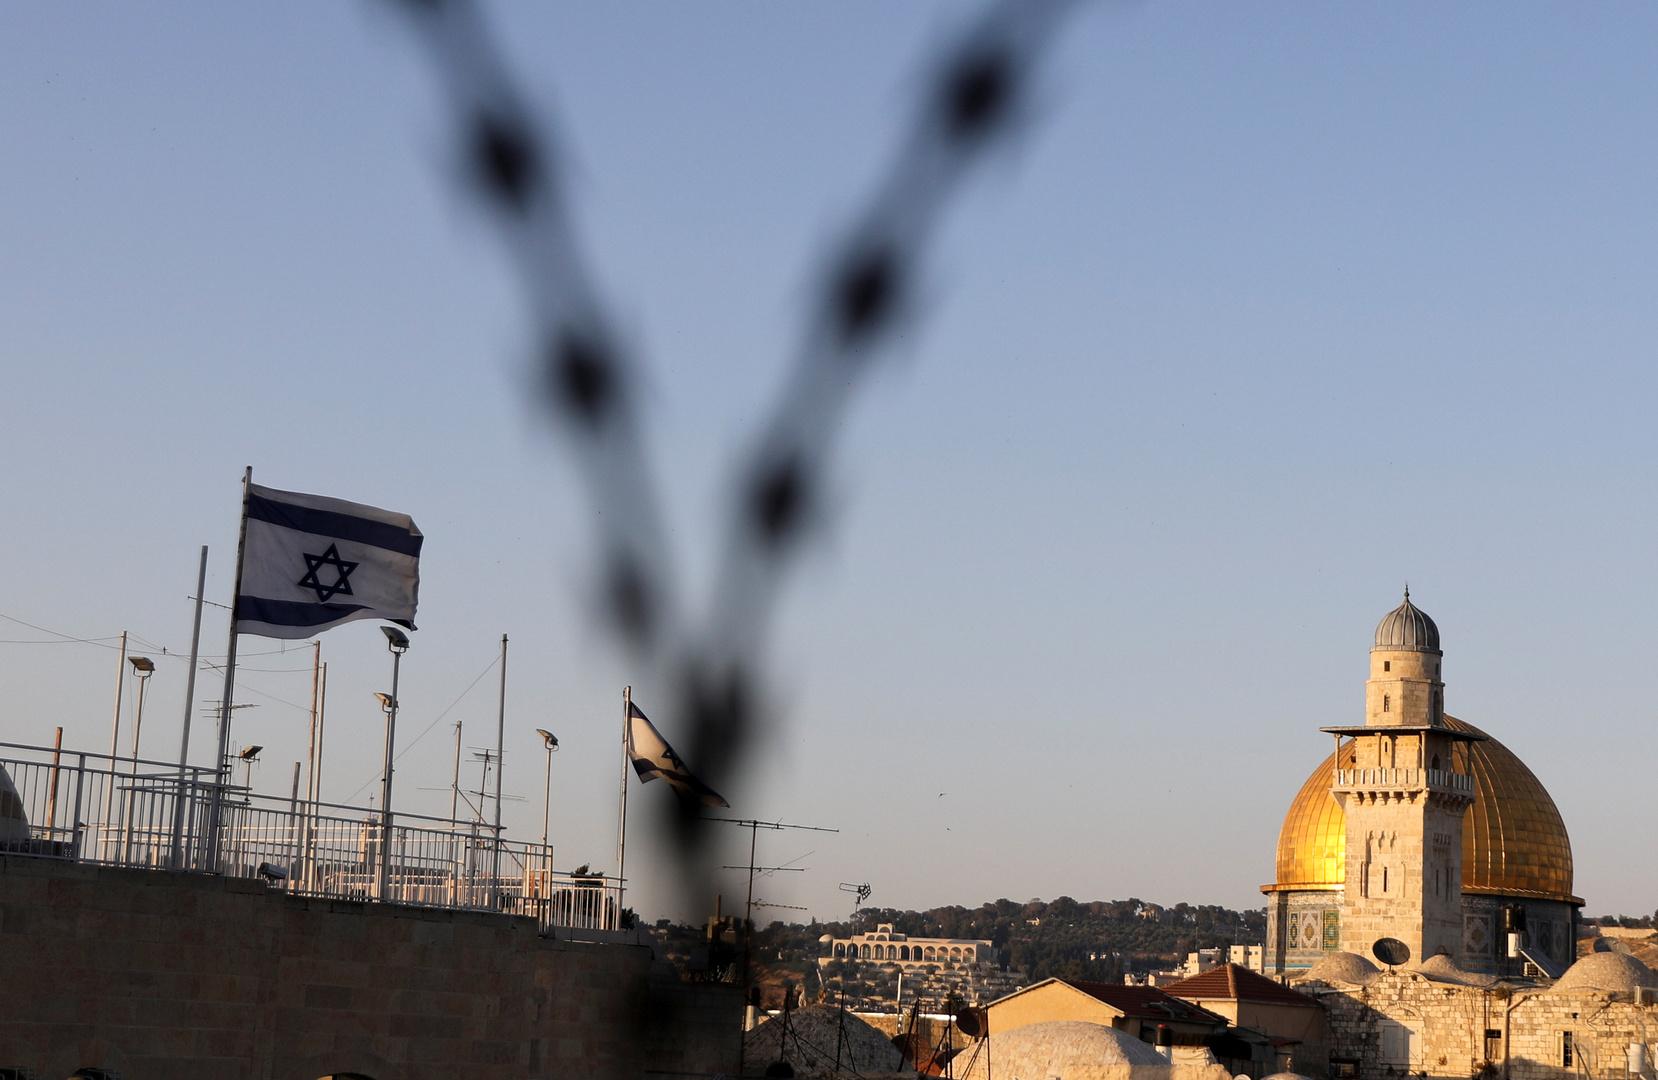 دولة إفريقية تنوي افتتاح بعثة دبلوماسية في القدس